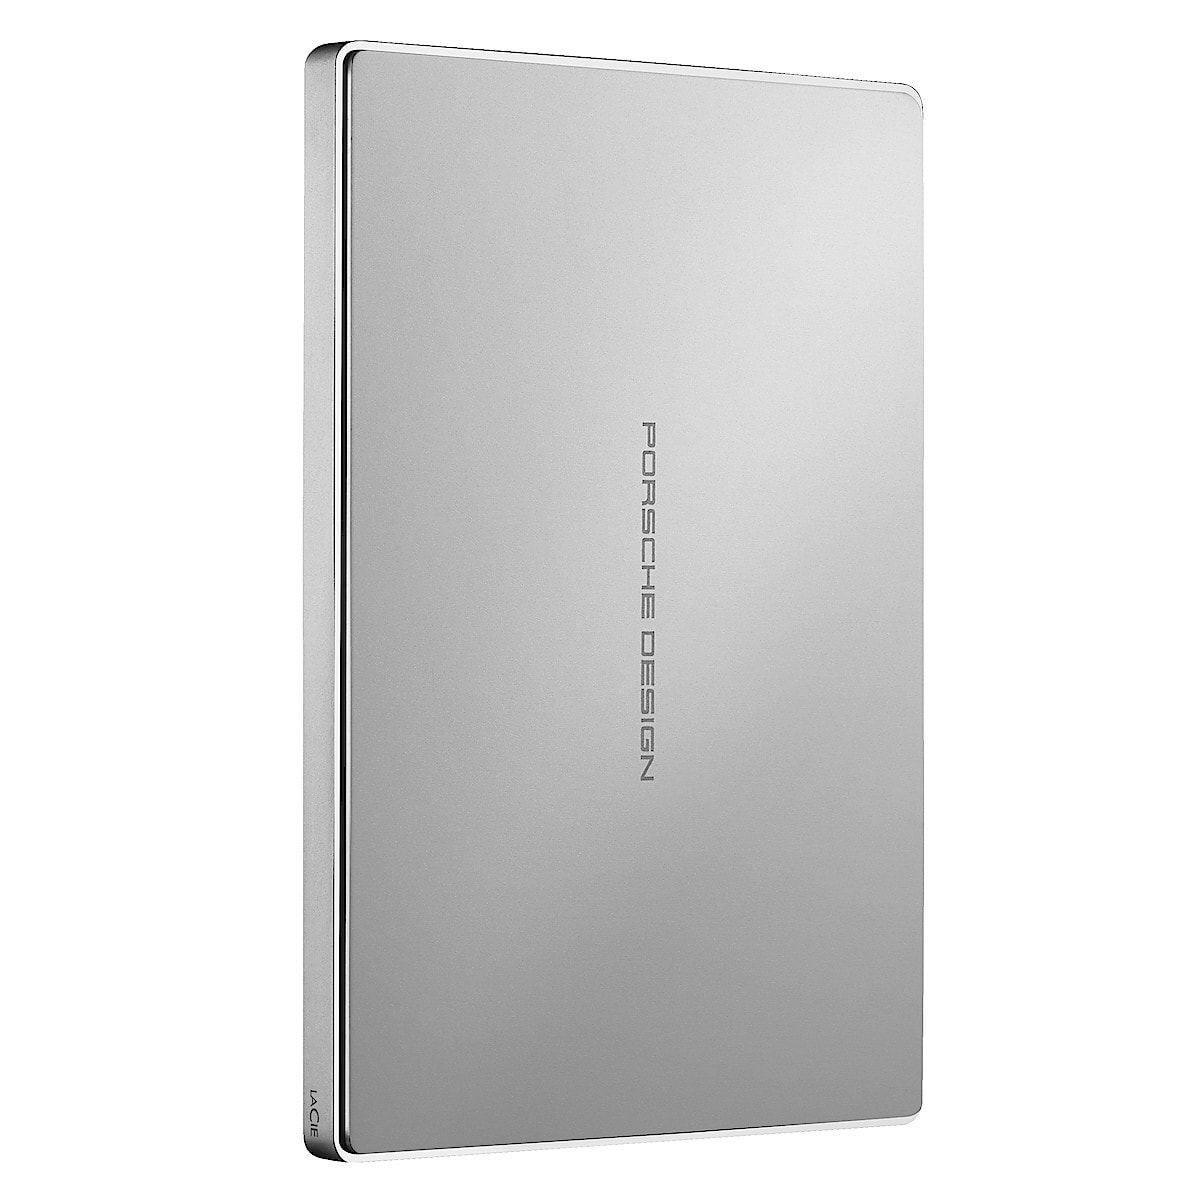 LaCie Porsche Design ekstern harddisk, 2 TB